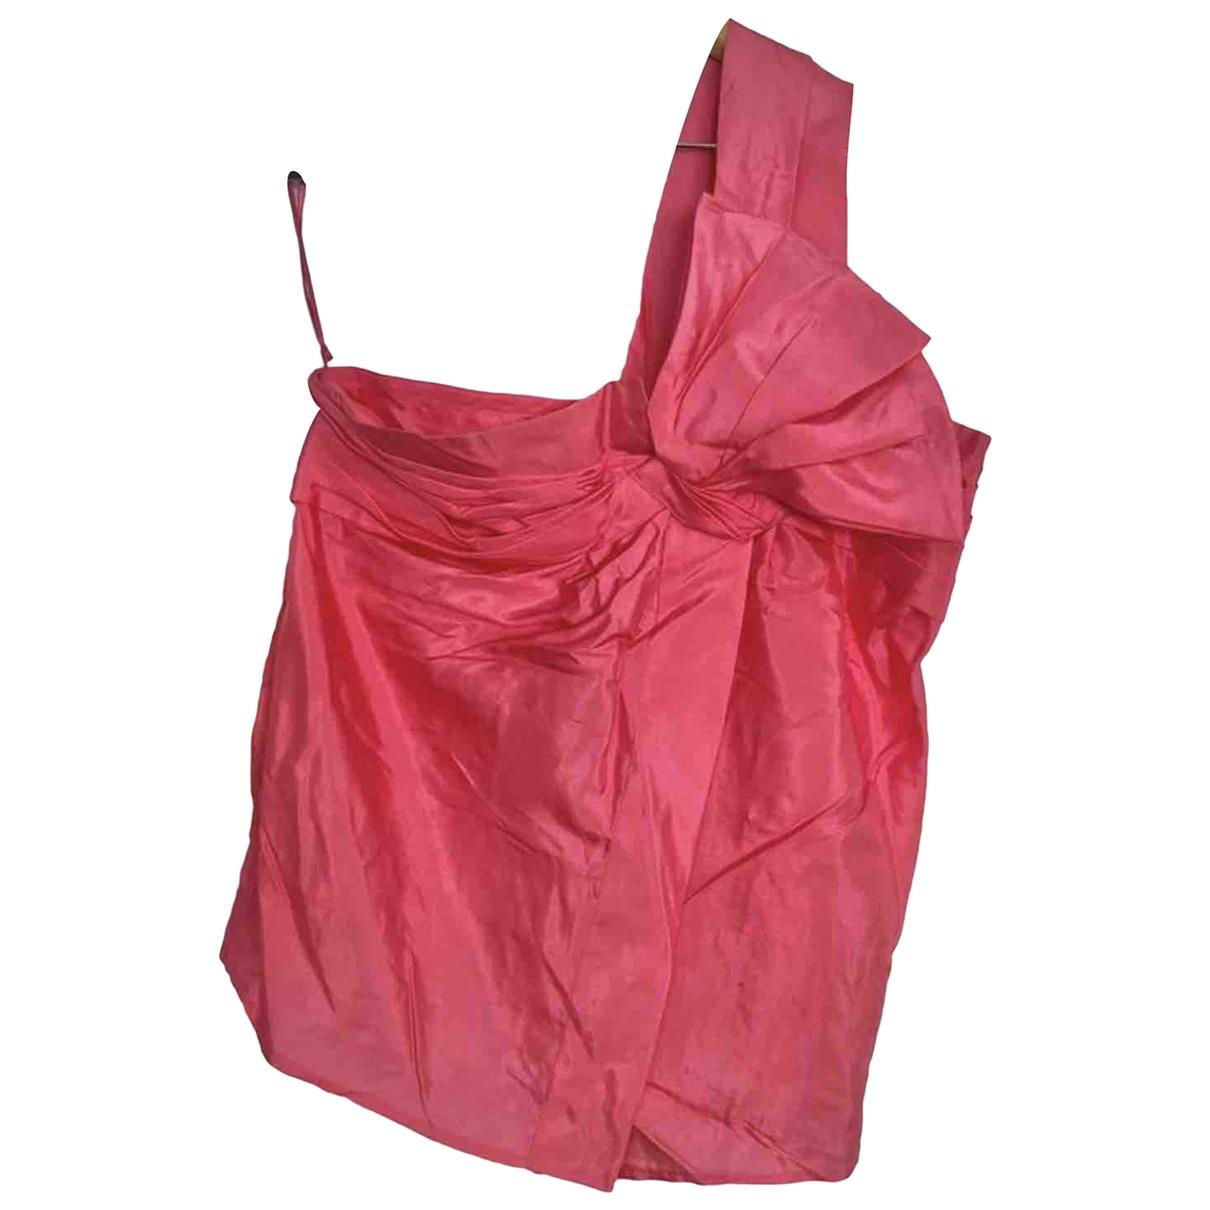 Gucci - Top   pour femme en soie - rose